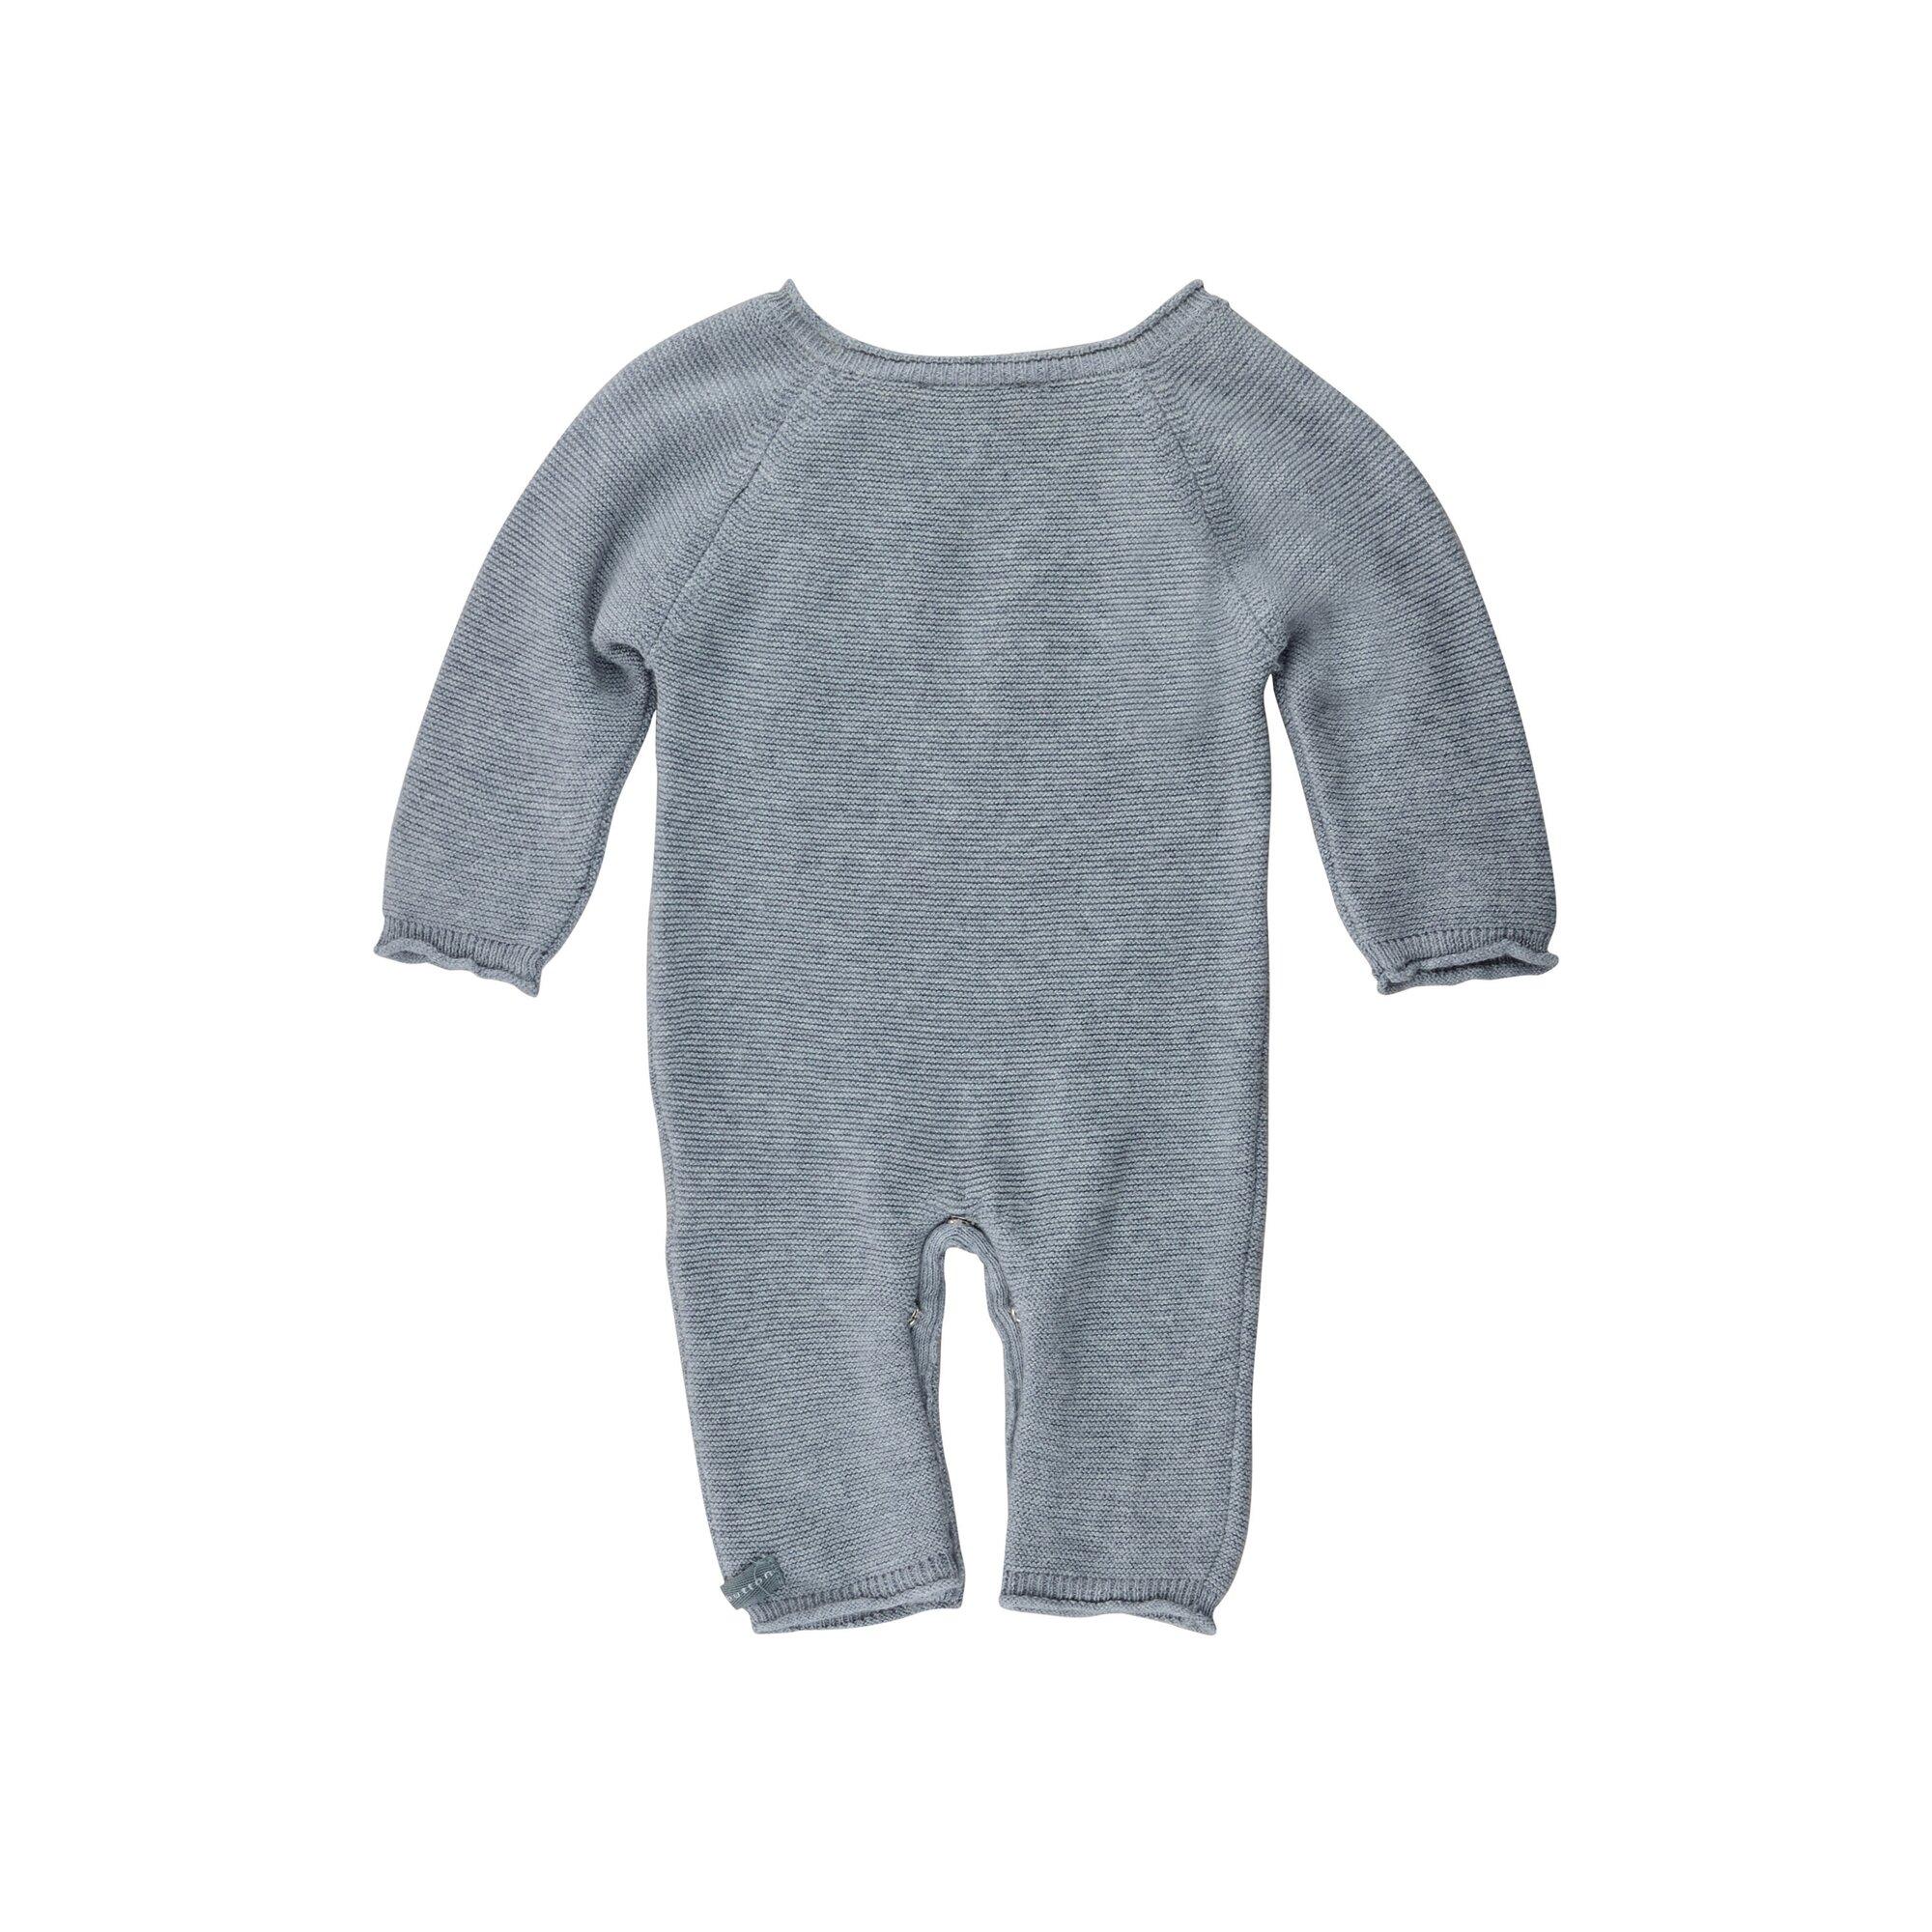 bellybutton-babystrampler-strick-mit-stern-grau-50-56-62-68-74